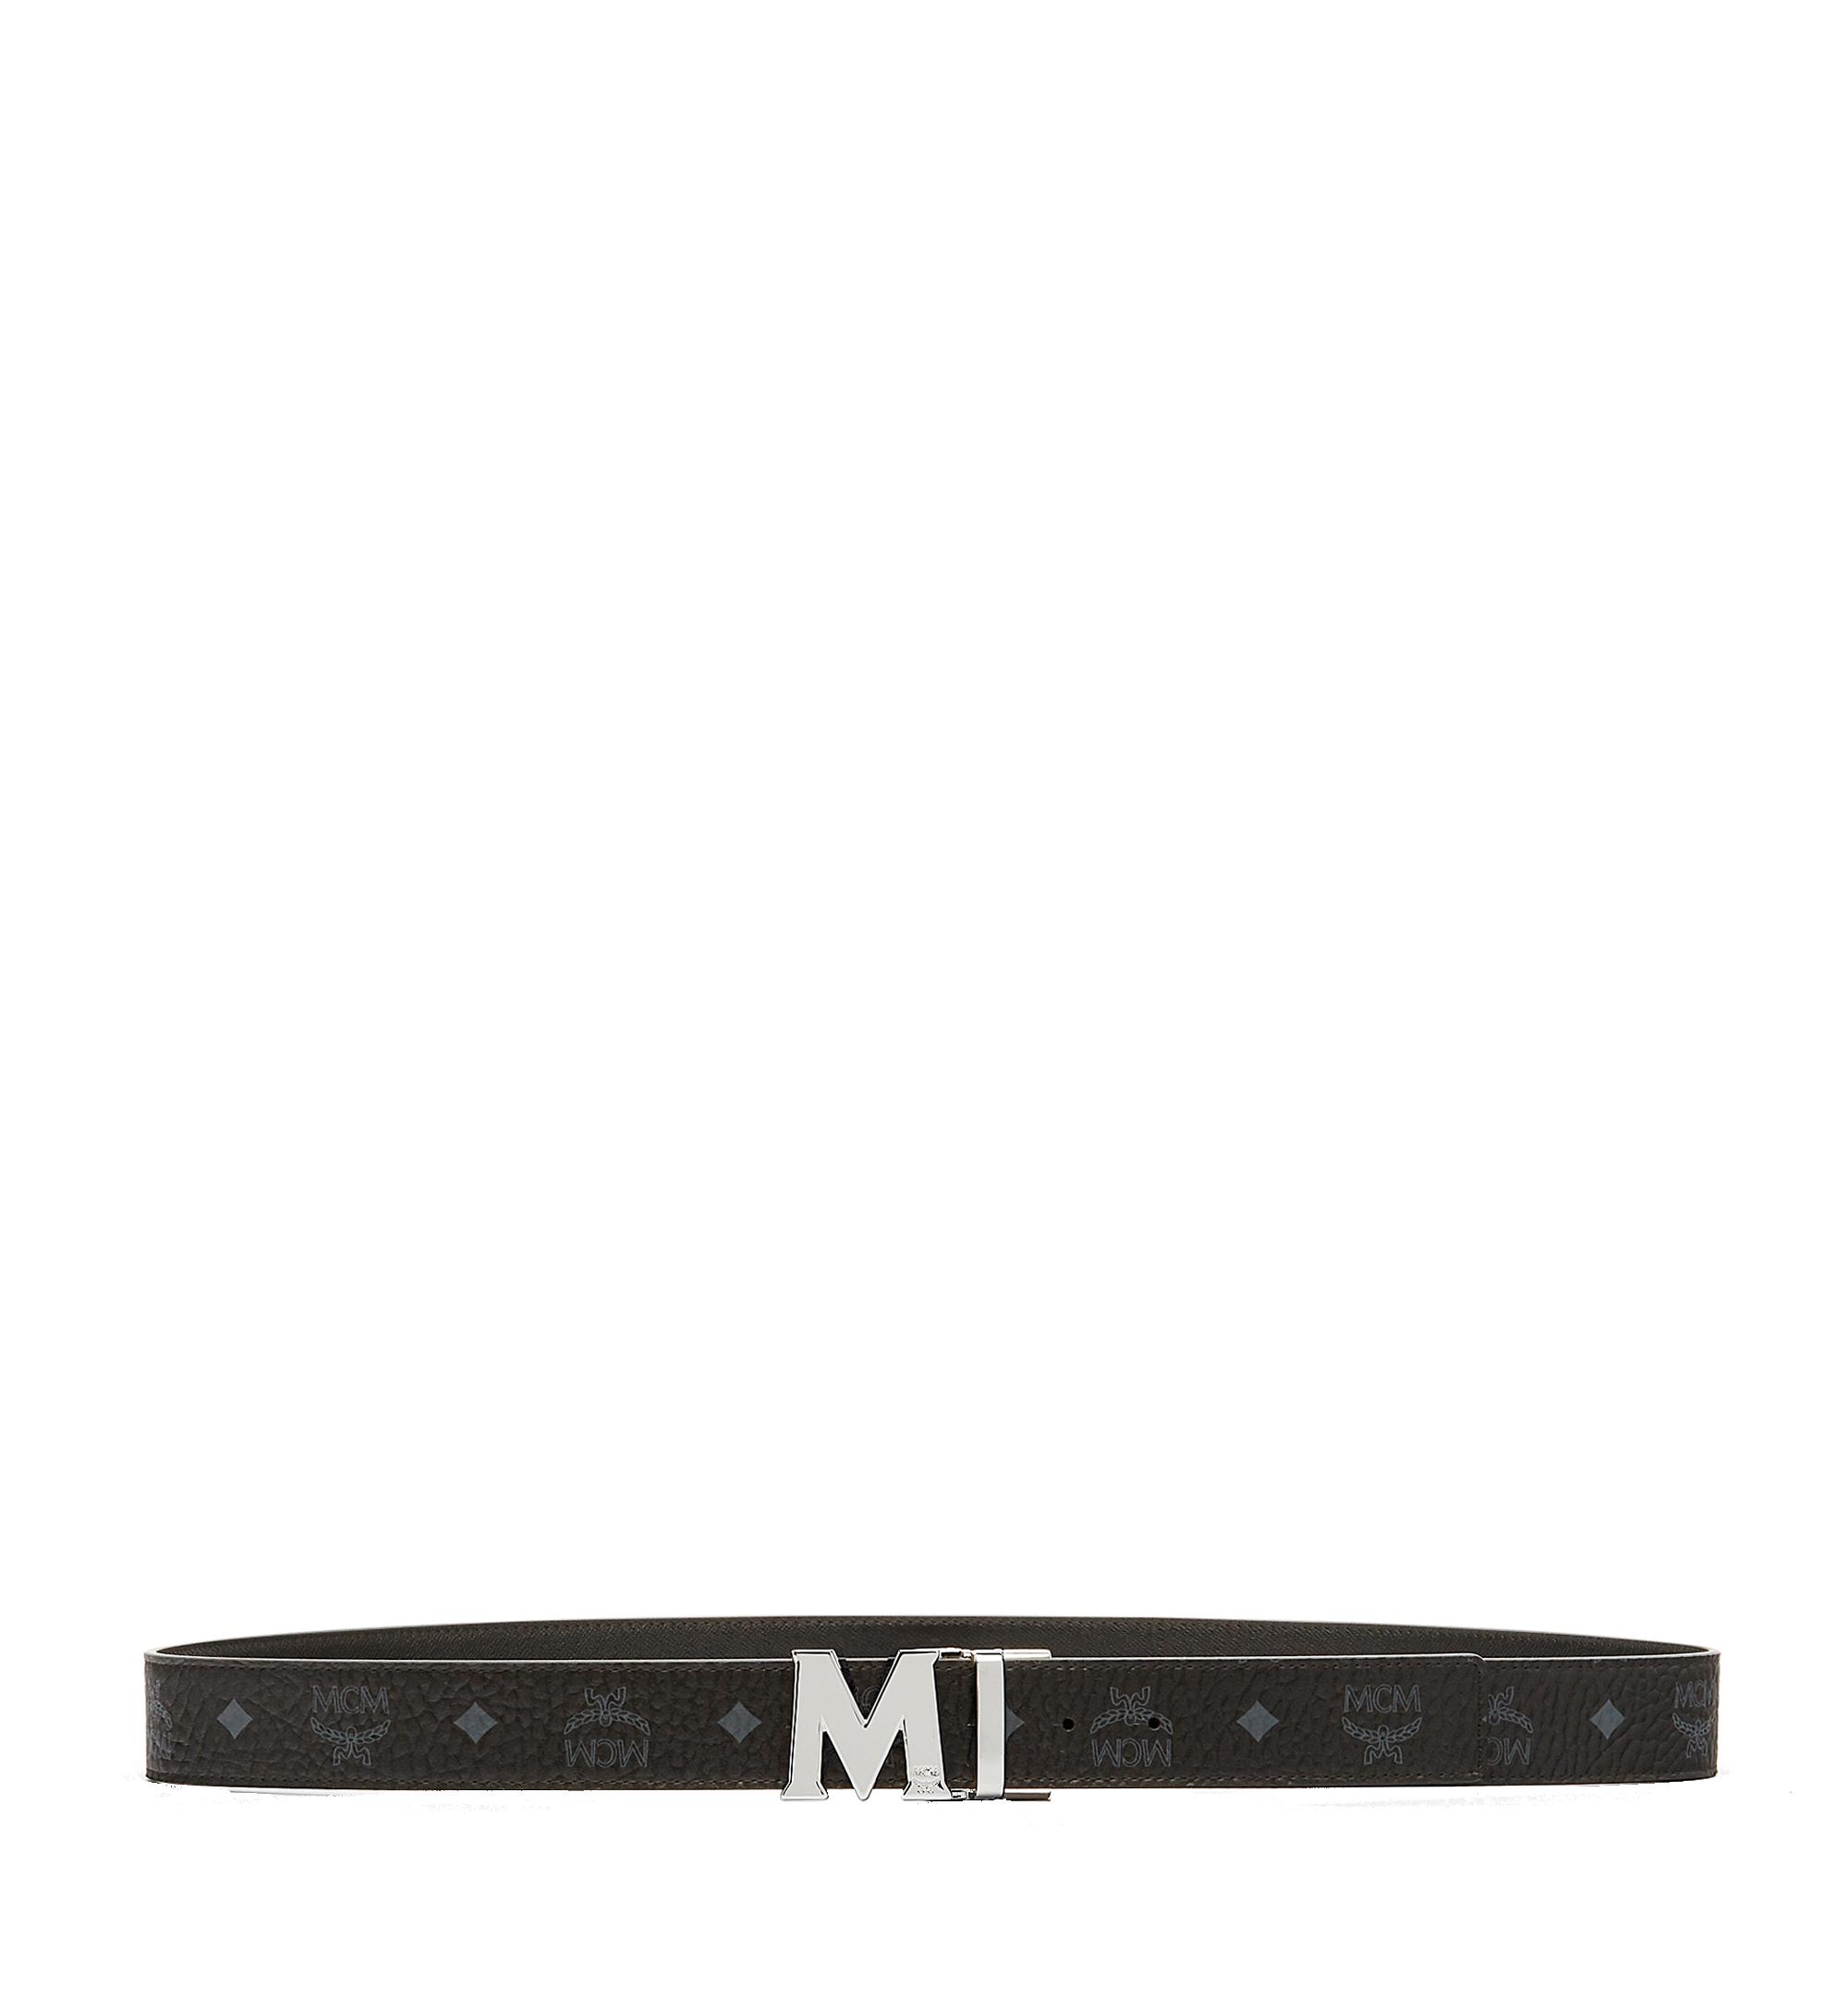 MCM Ceinture réversible Claus M 3,8cm en Visetos Black MXBAAVI02BK001 Plus de photos 2